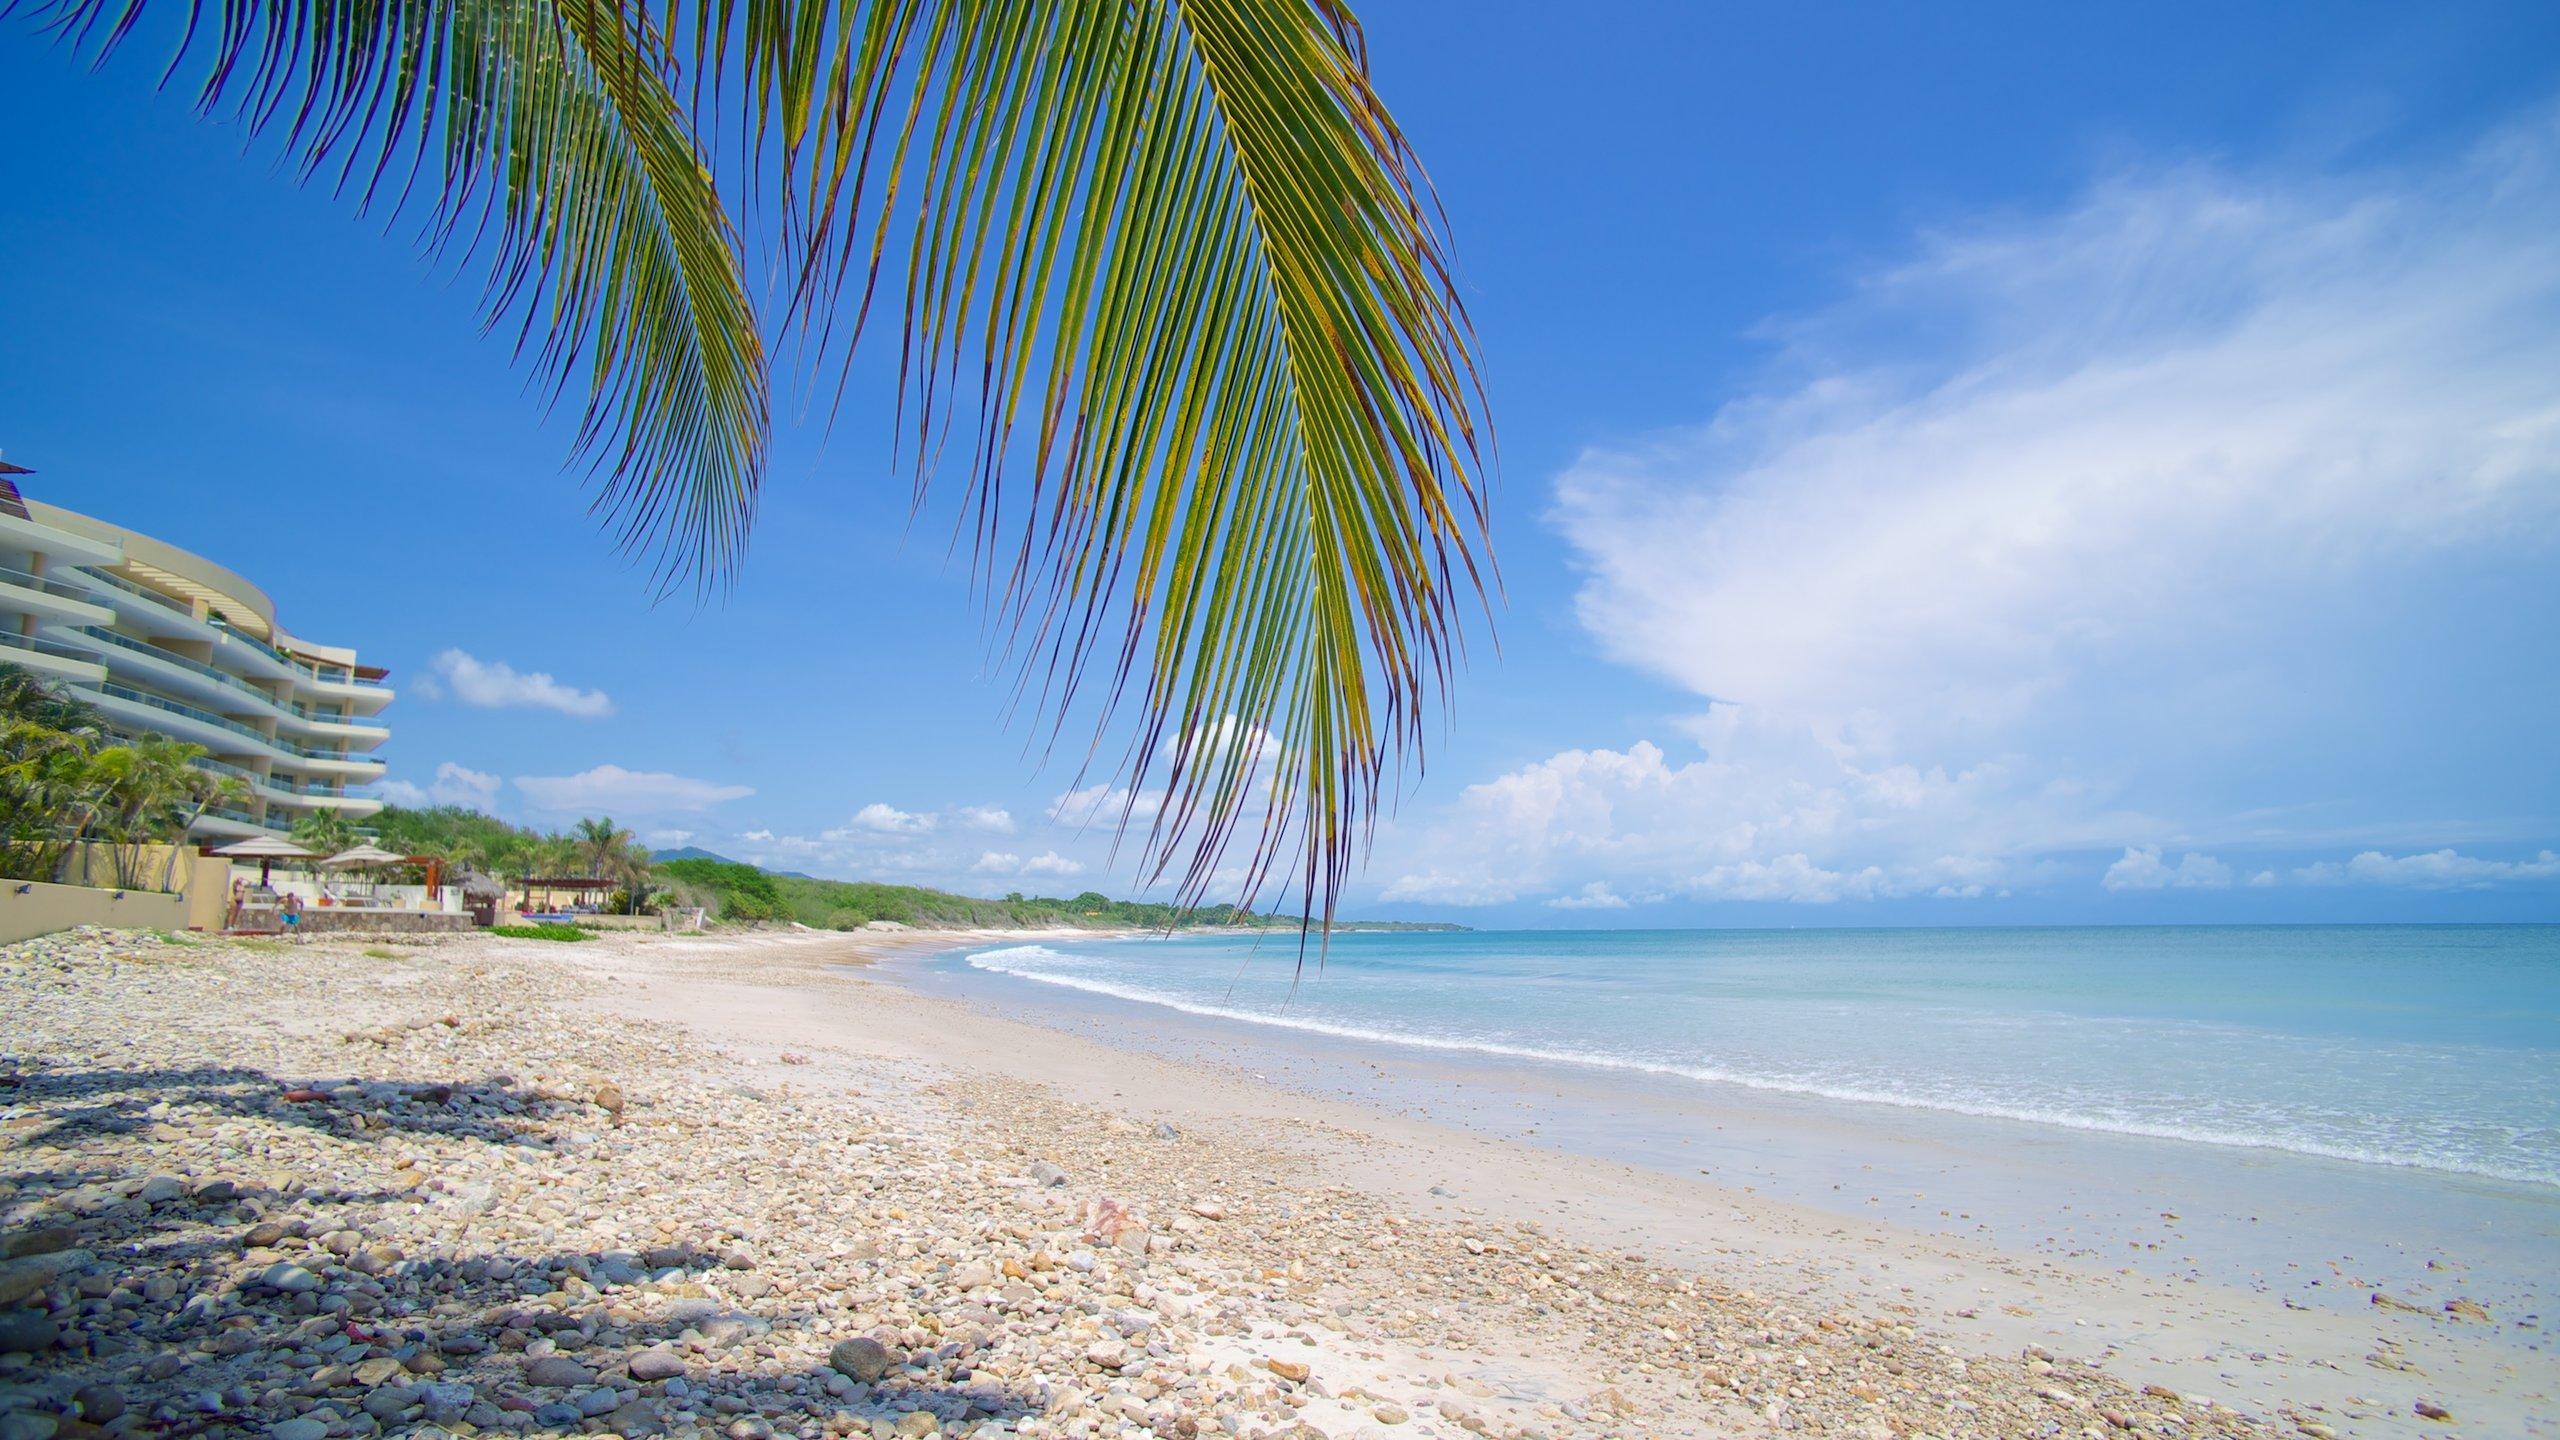 Bezoek Punta De Mita Het Beste Van Reizen Naar Punta De Mita Puerto Vallarta In 2021 Expedia Toerisme